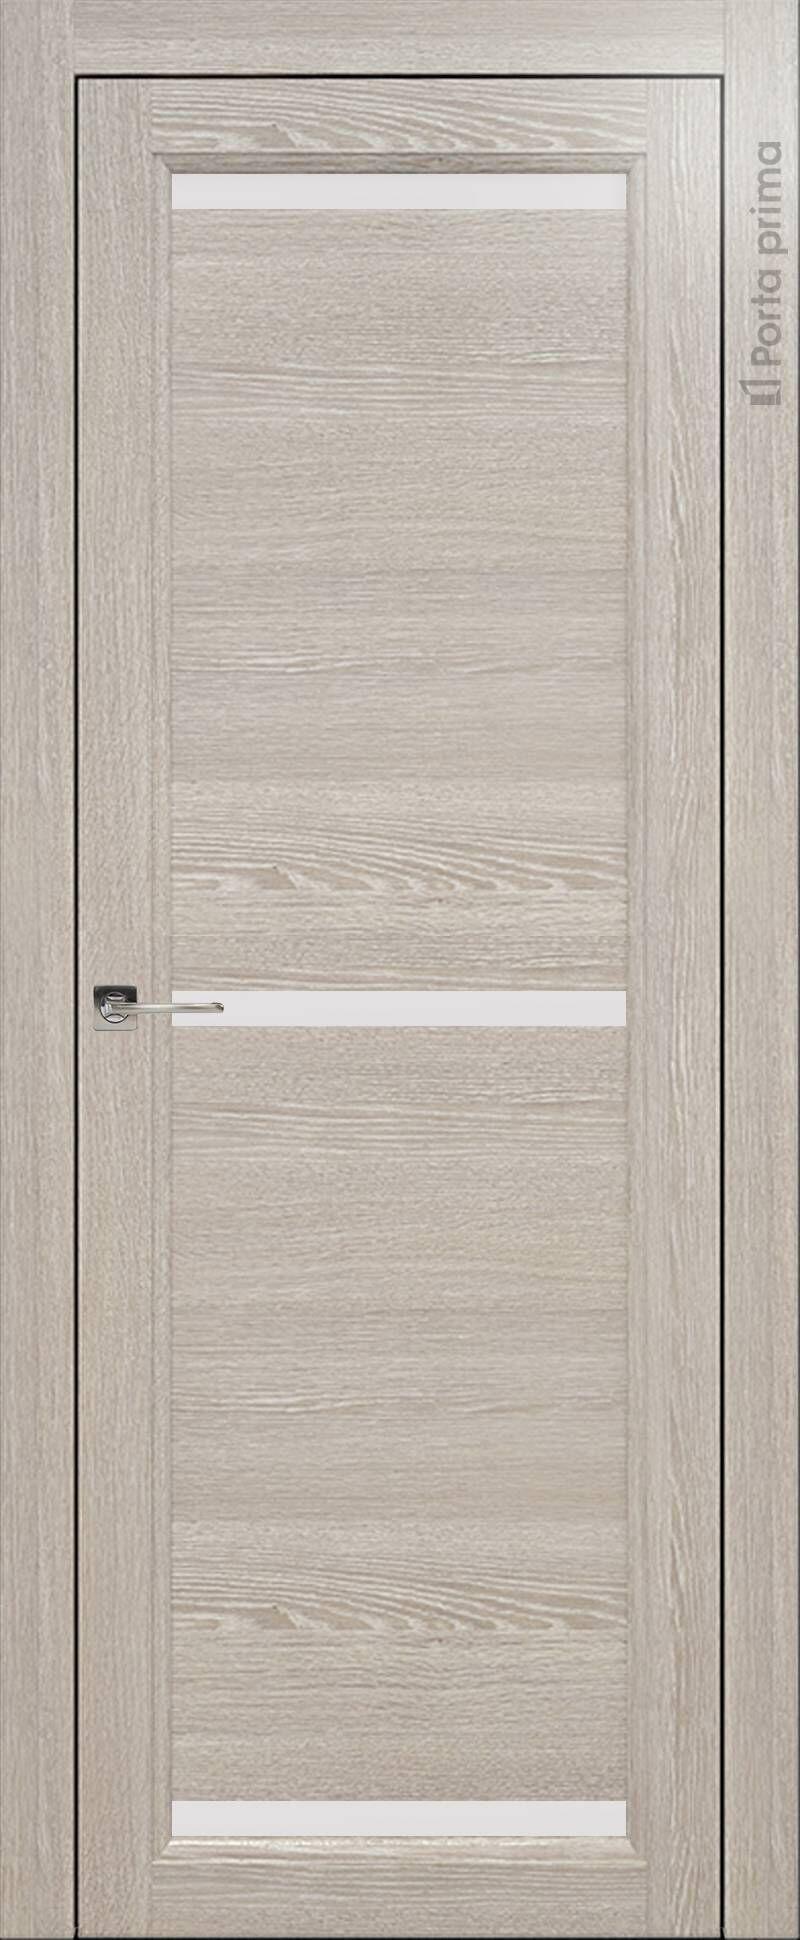 Sorrento-R Е3 цвет - Серый дуб Без стекла (ДГ)